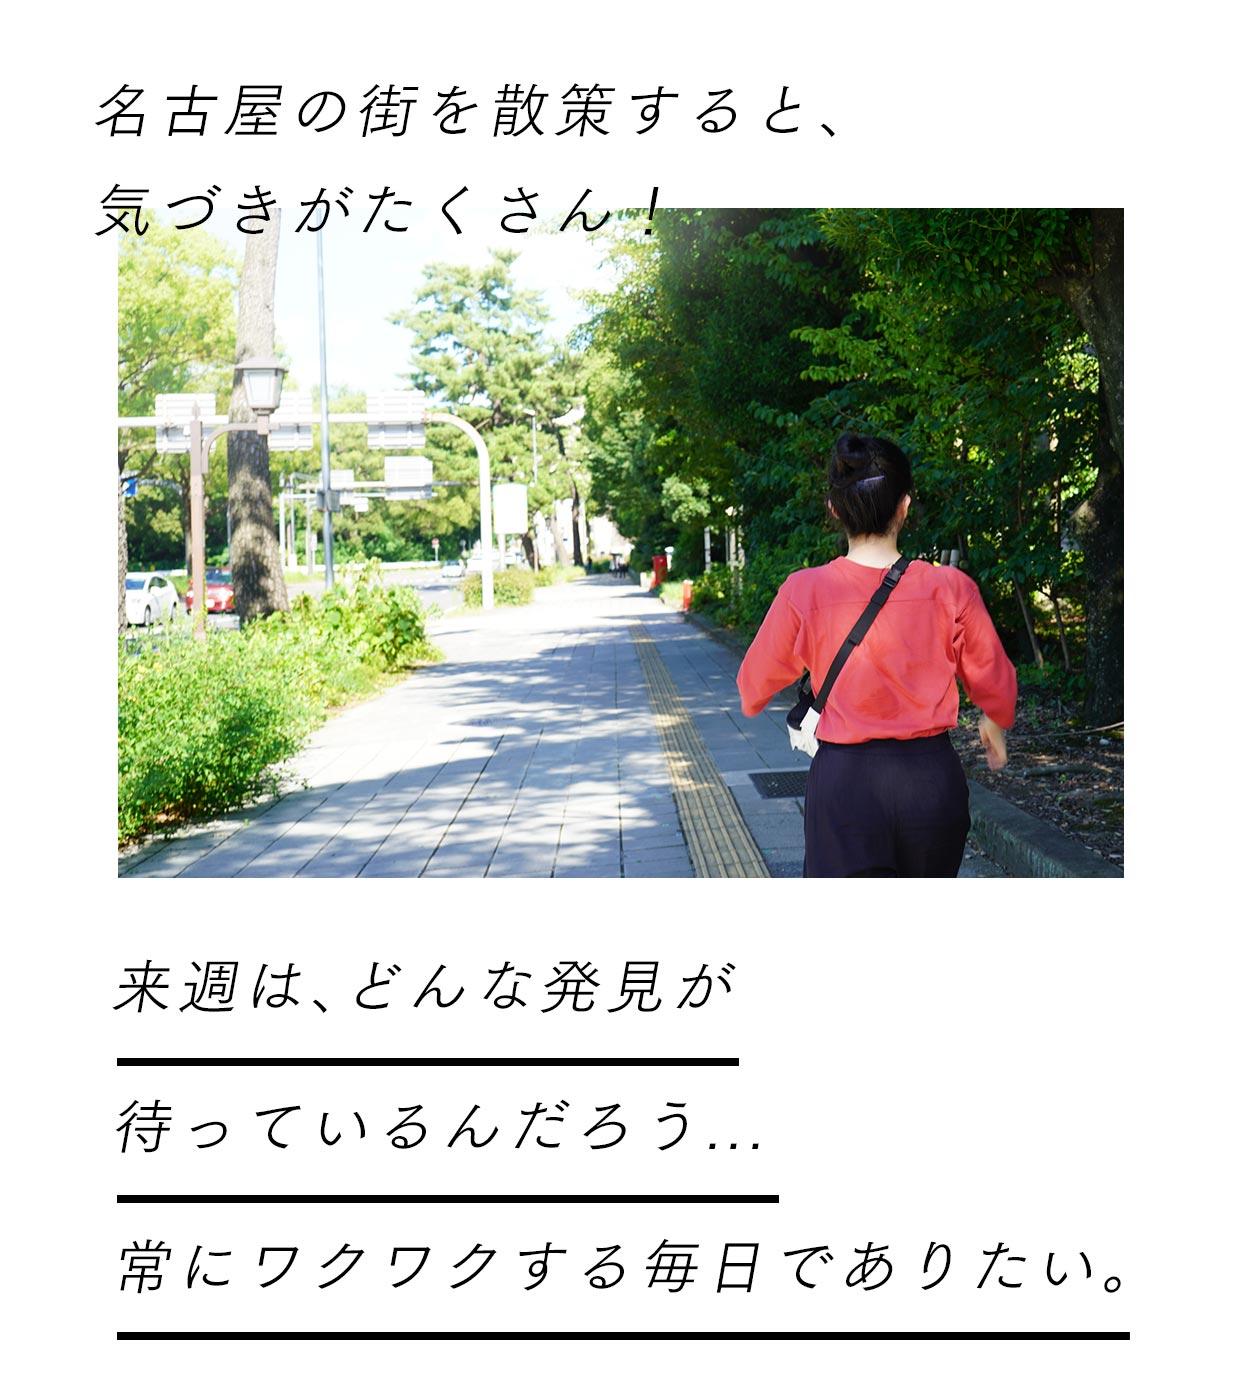 シンプルだからこそ、カレー本来の味わいが楽しめる。名古屋のカレーなら「珈琲 門」 - DE3853E7 E25B 4DD6 8278 3BD1B6789038